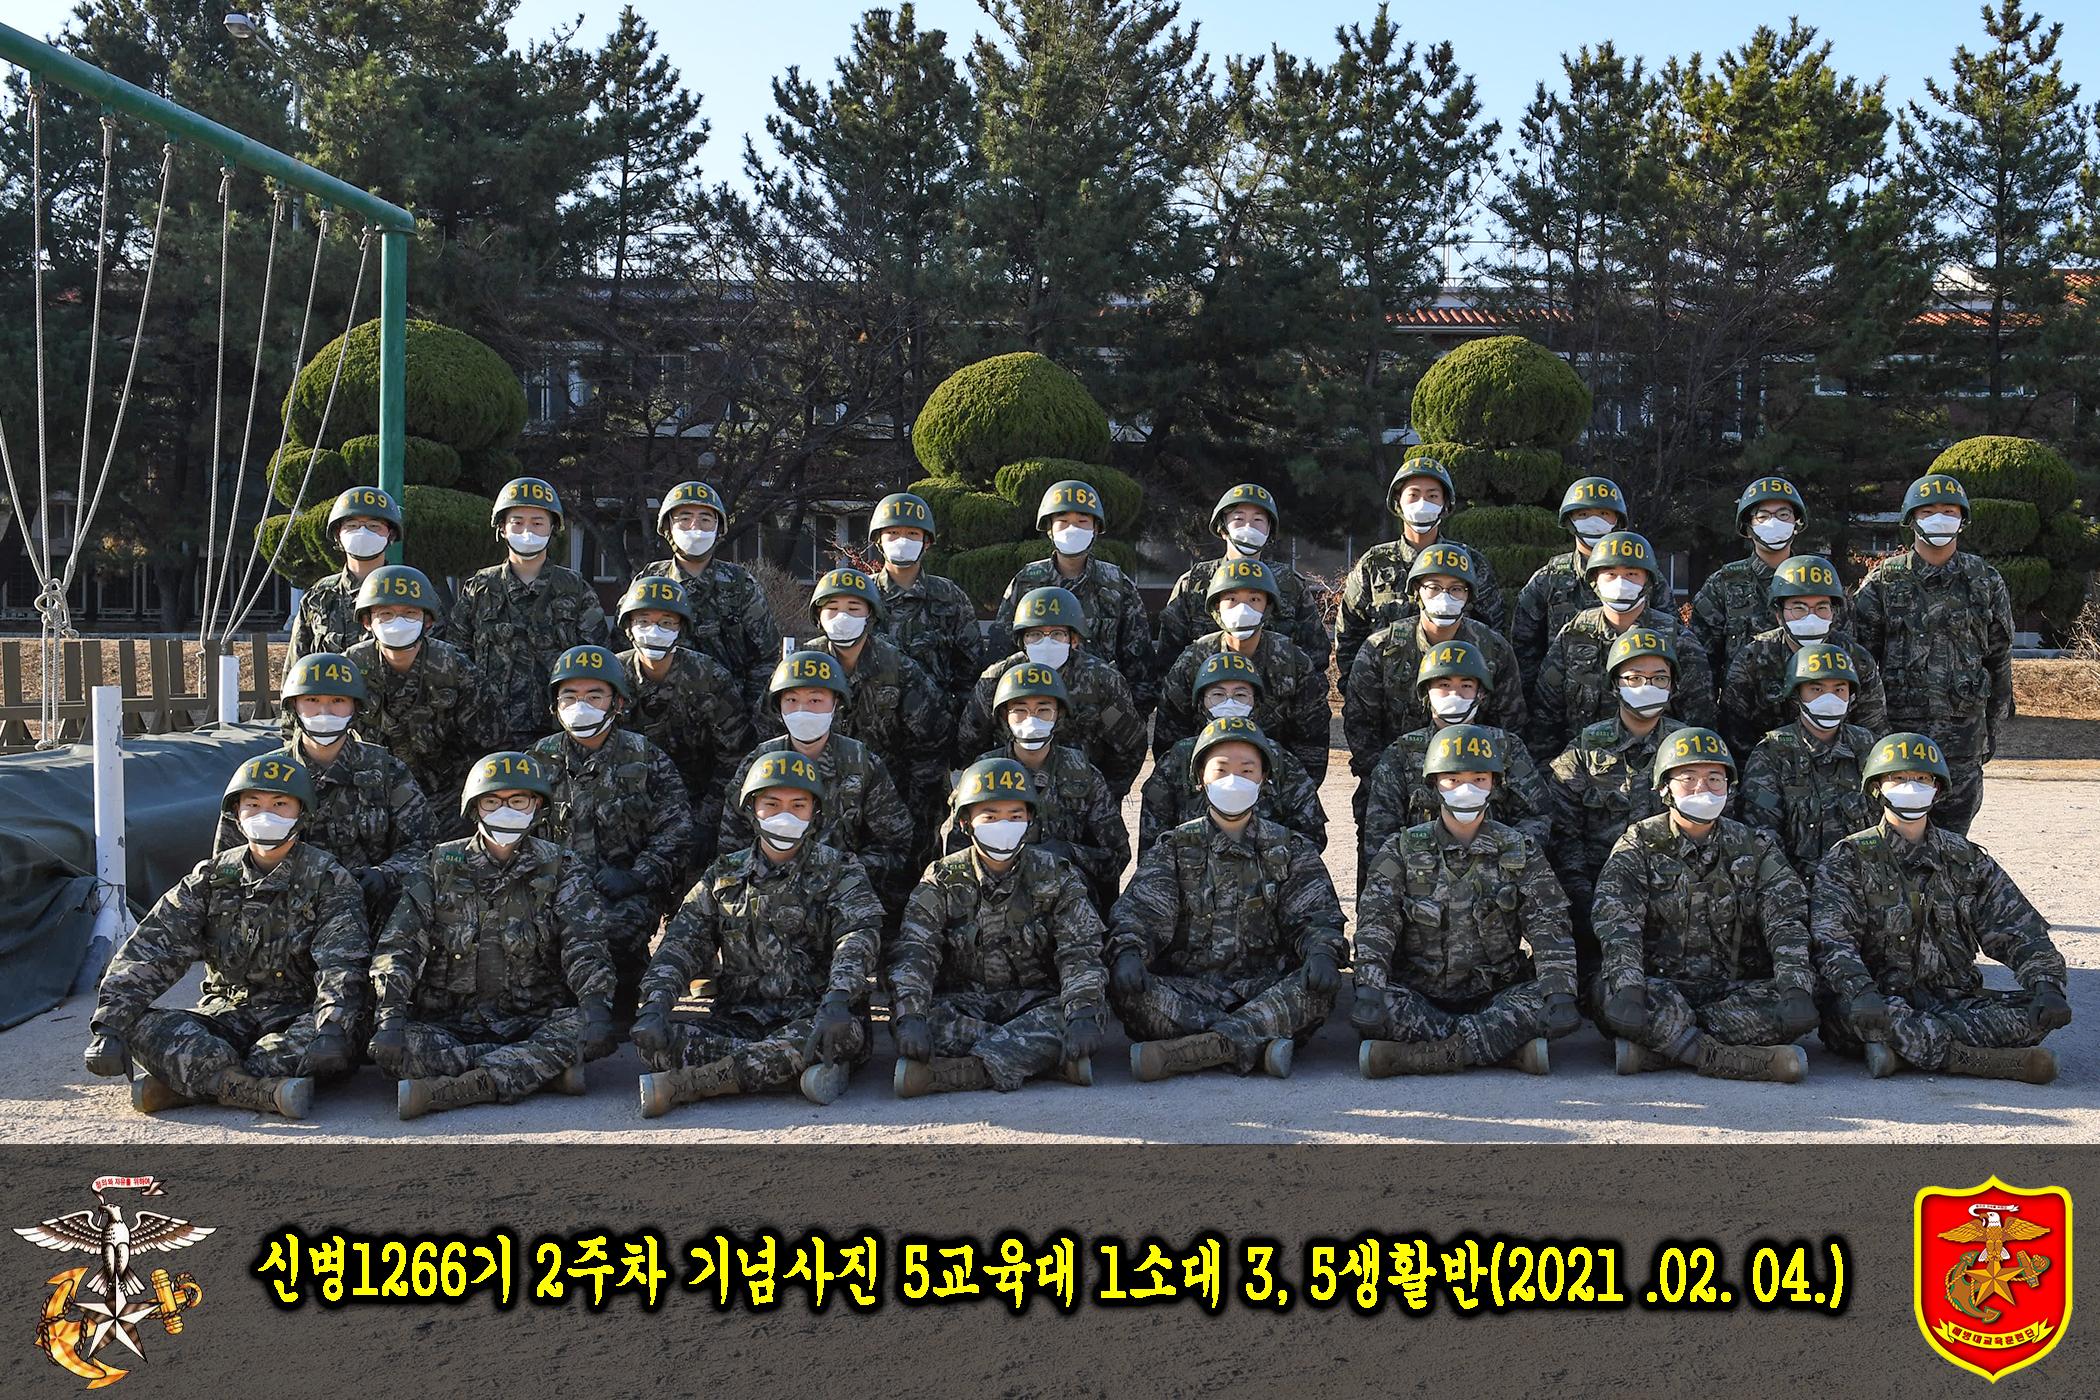 해병대 신병 1266기 5교육대 3주차 생활반 사진 2.jpg